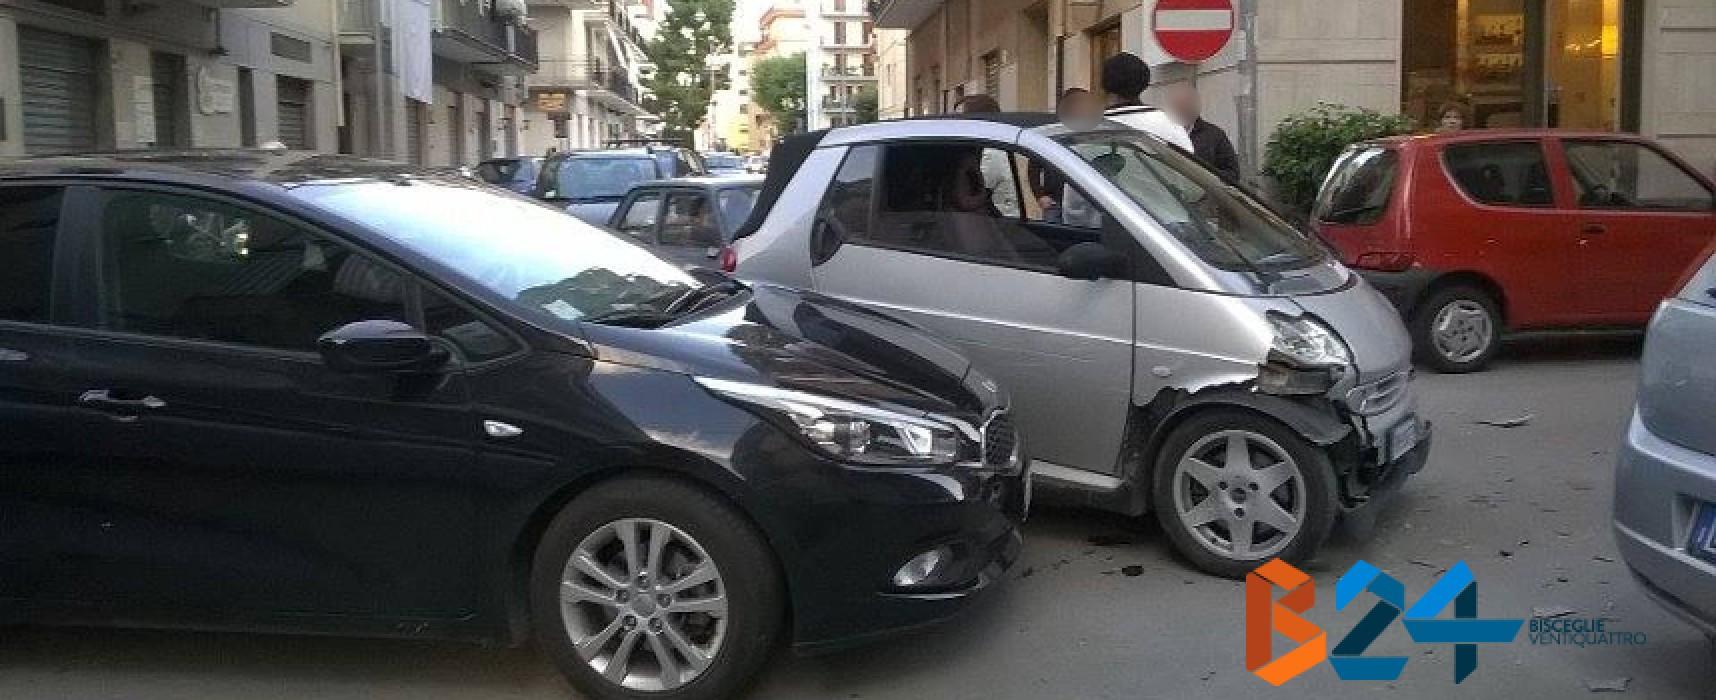 Incidente su via Monterisi / via Croce, ingenti danni alle auto e animi accesi tra i conducenti / FOTO